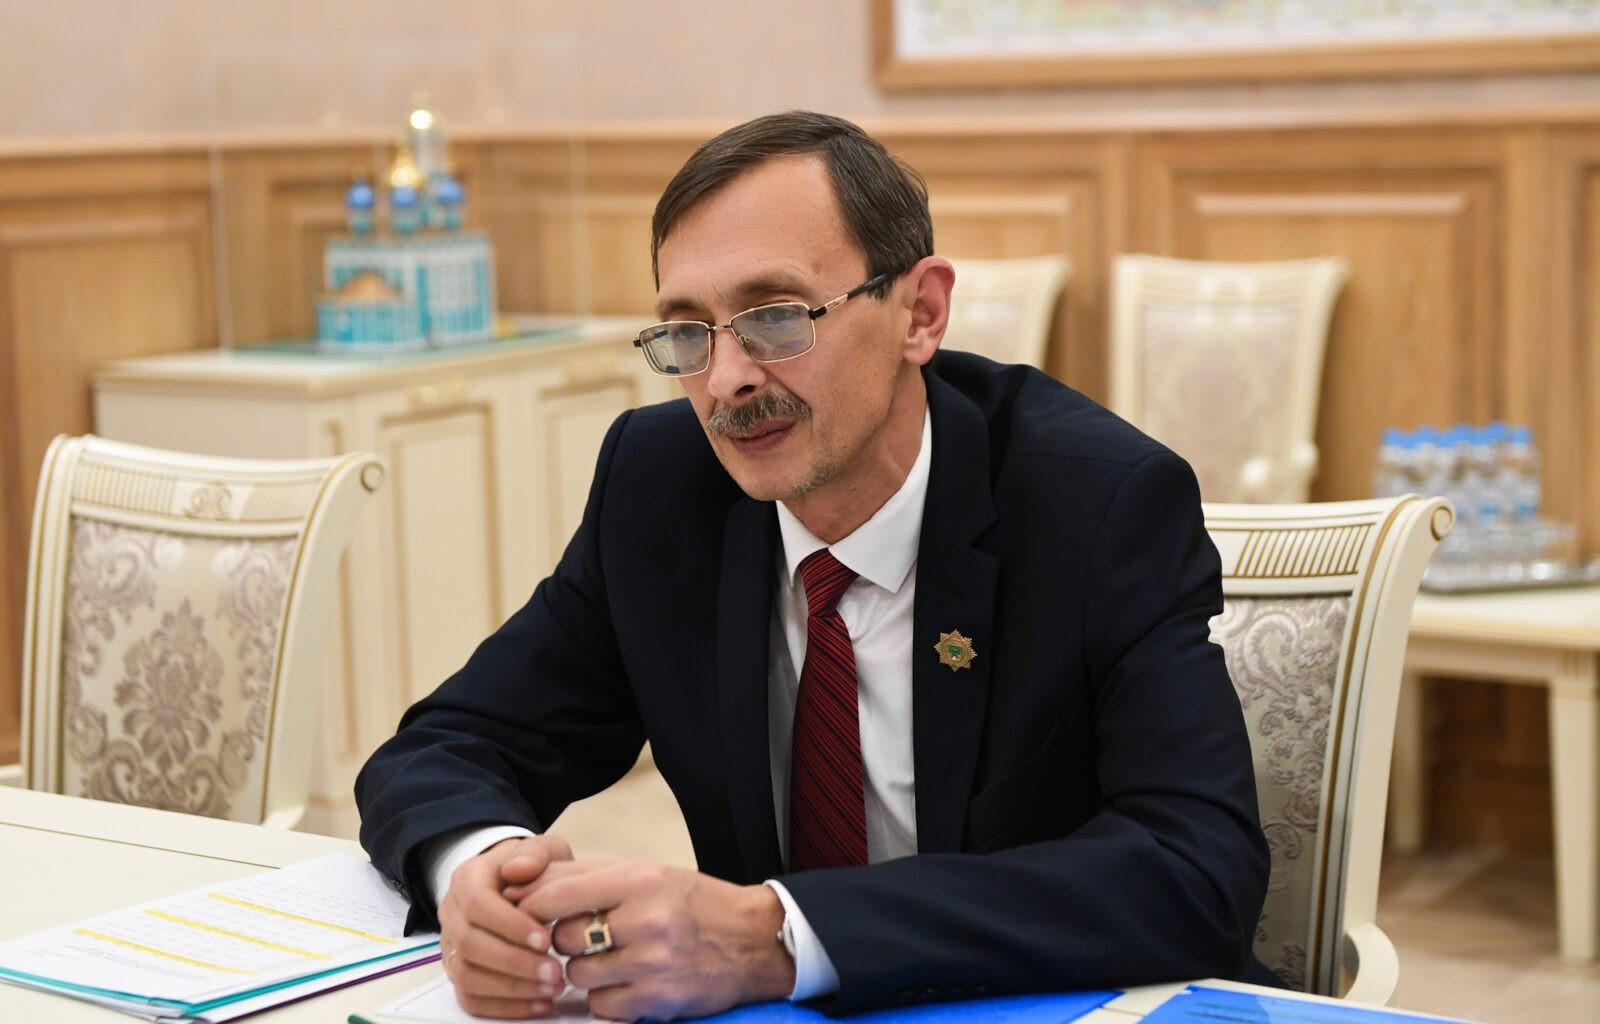 Олег Дубов: Надеюсь, такие центры, как «Мой бизнес», появятся и в муниципалитетах